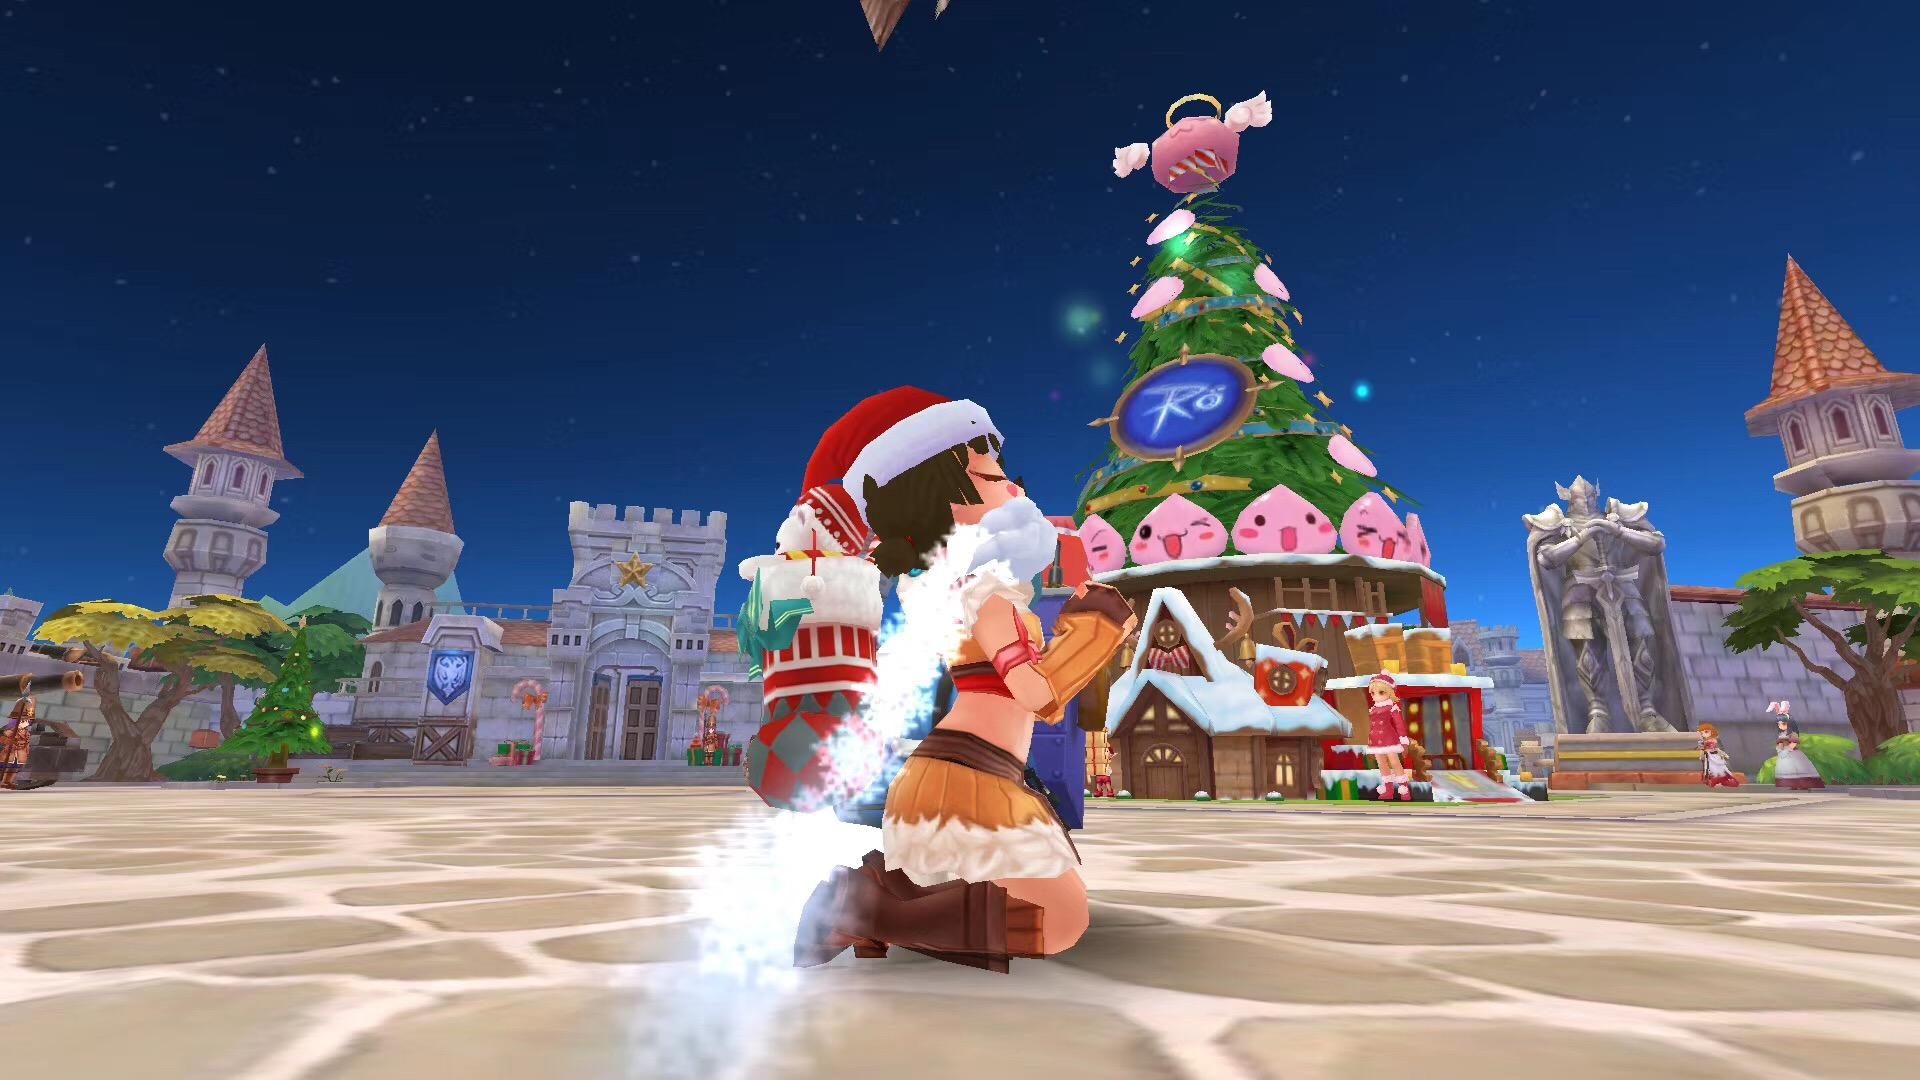 【黄金假期】圣诞老人快出现